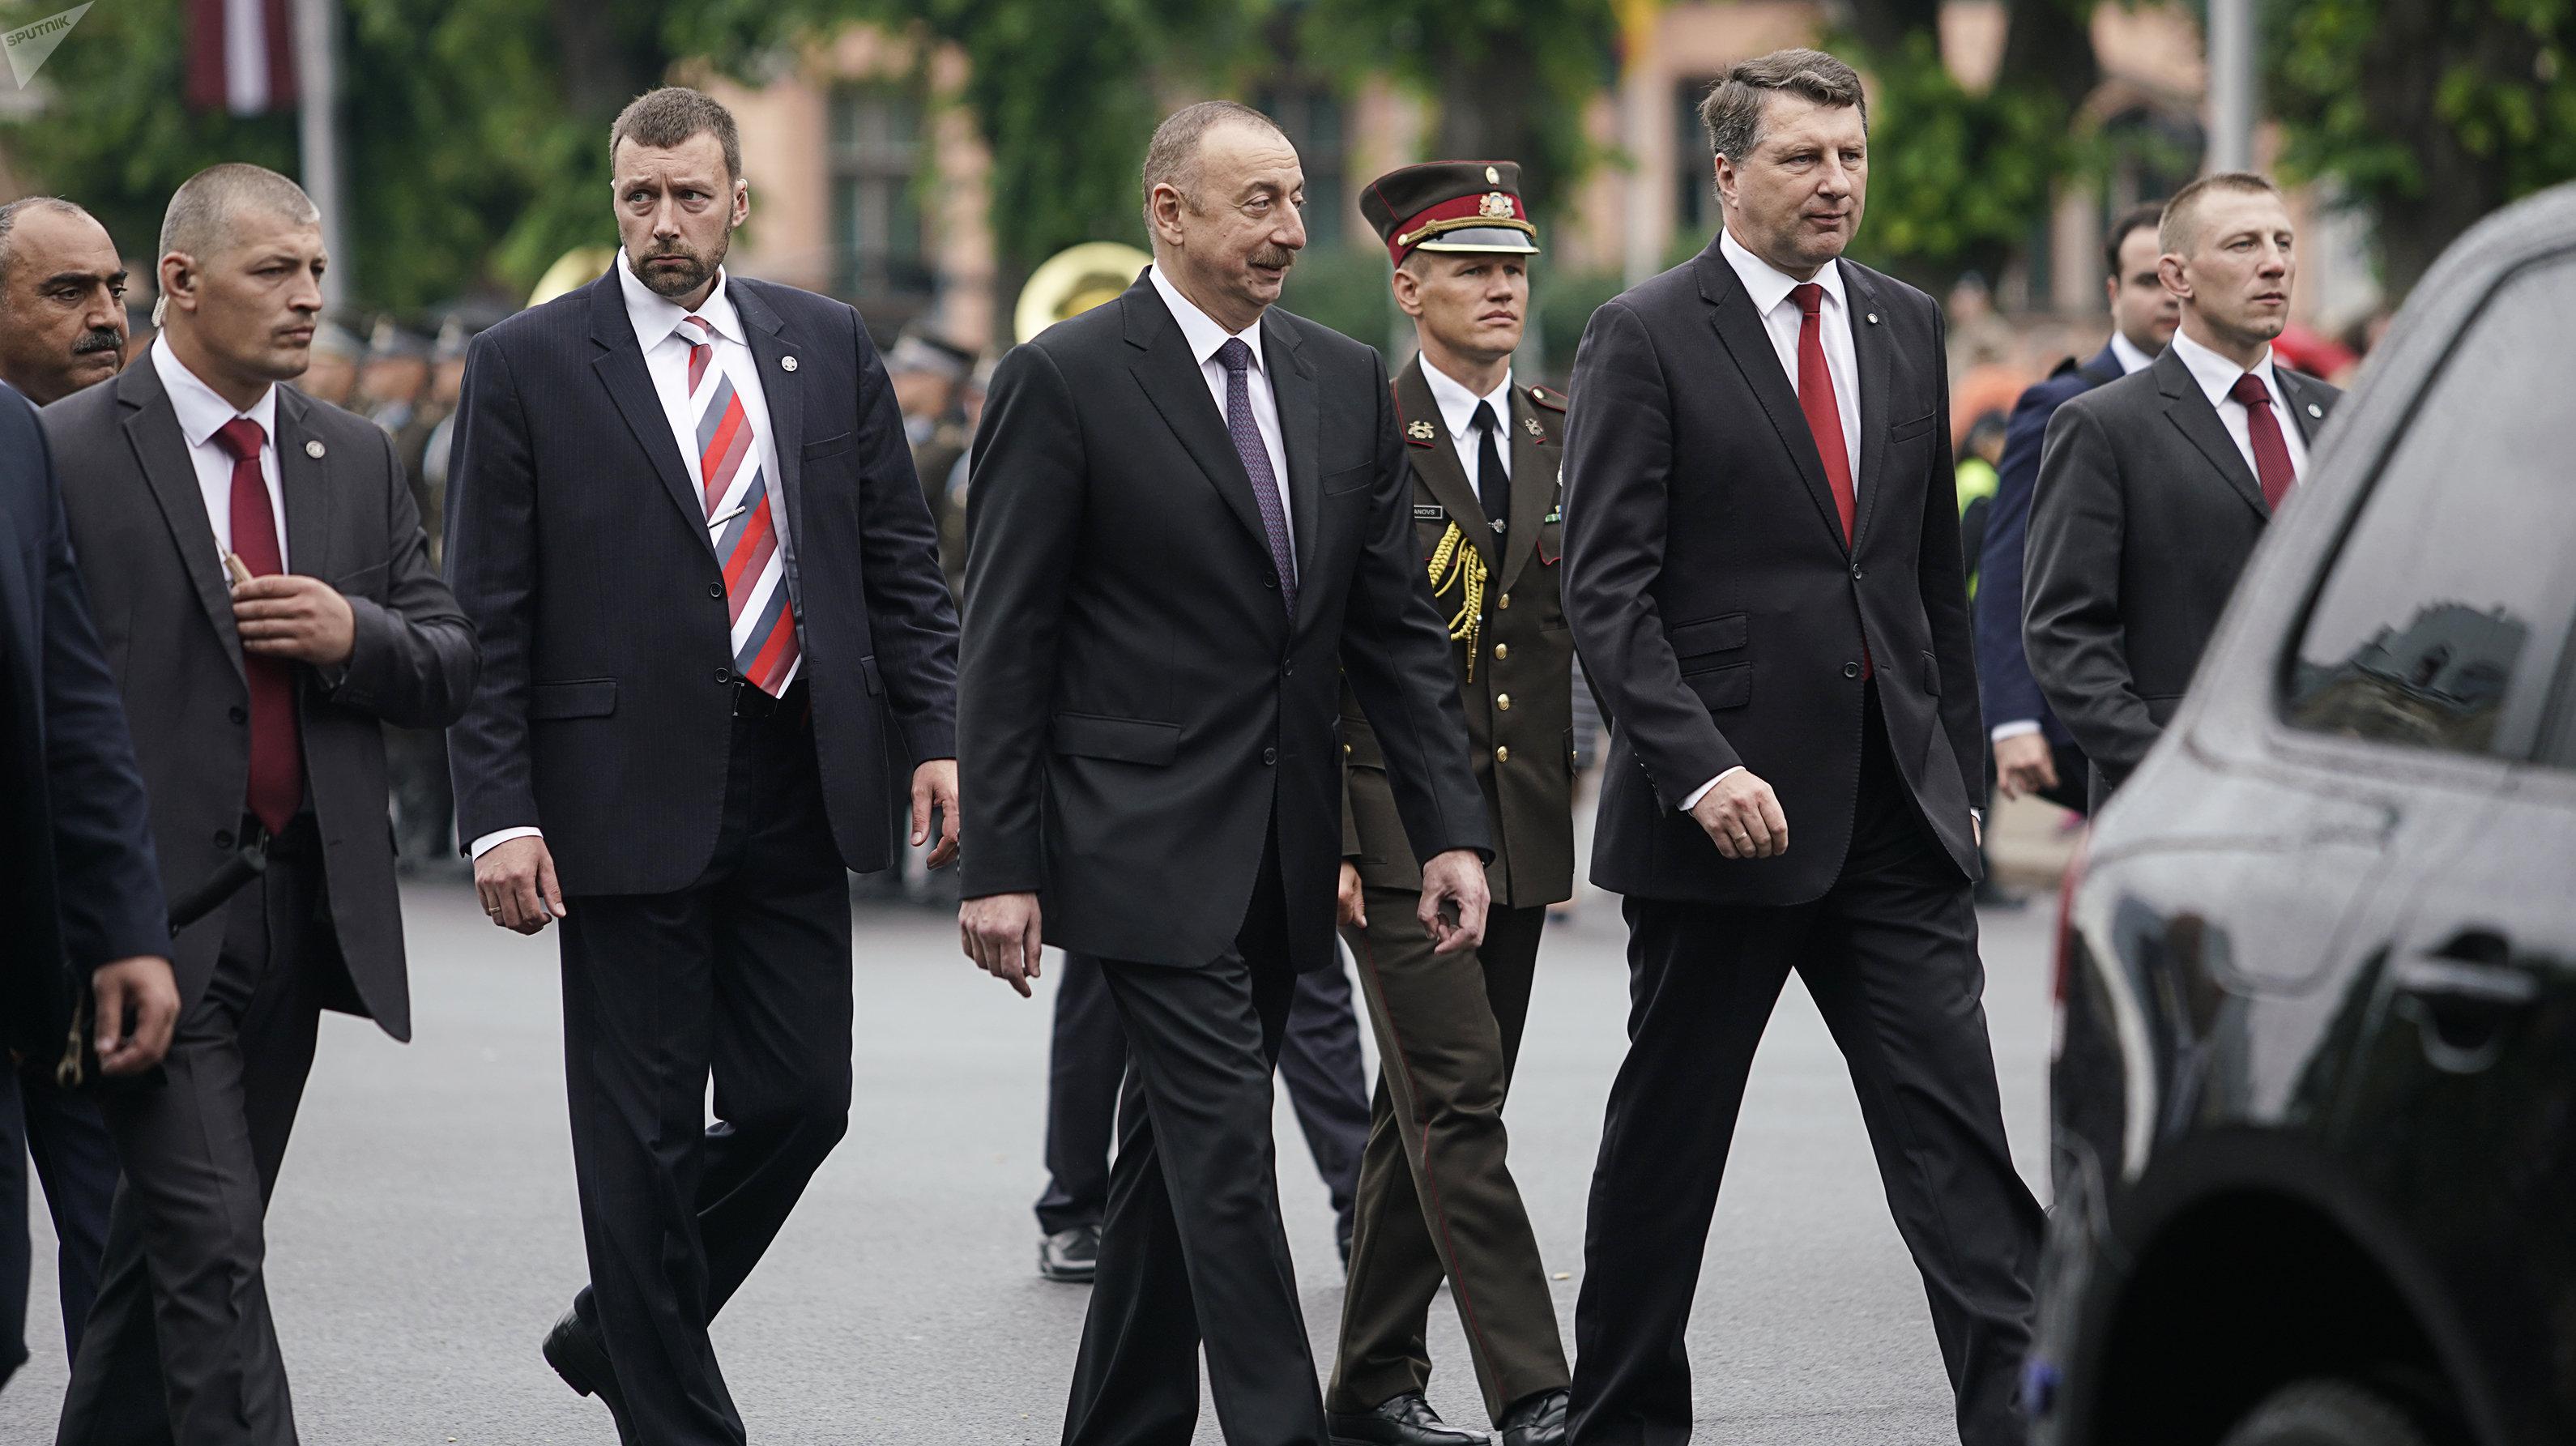 Вейонис: Латвия желает укреплять сотрудничество сАзербайджаном всфере транспорта